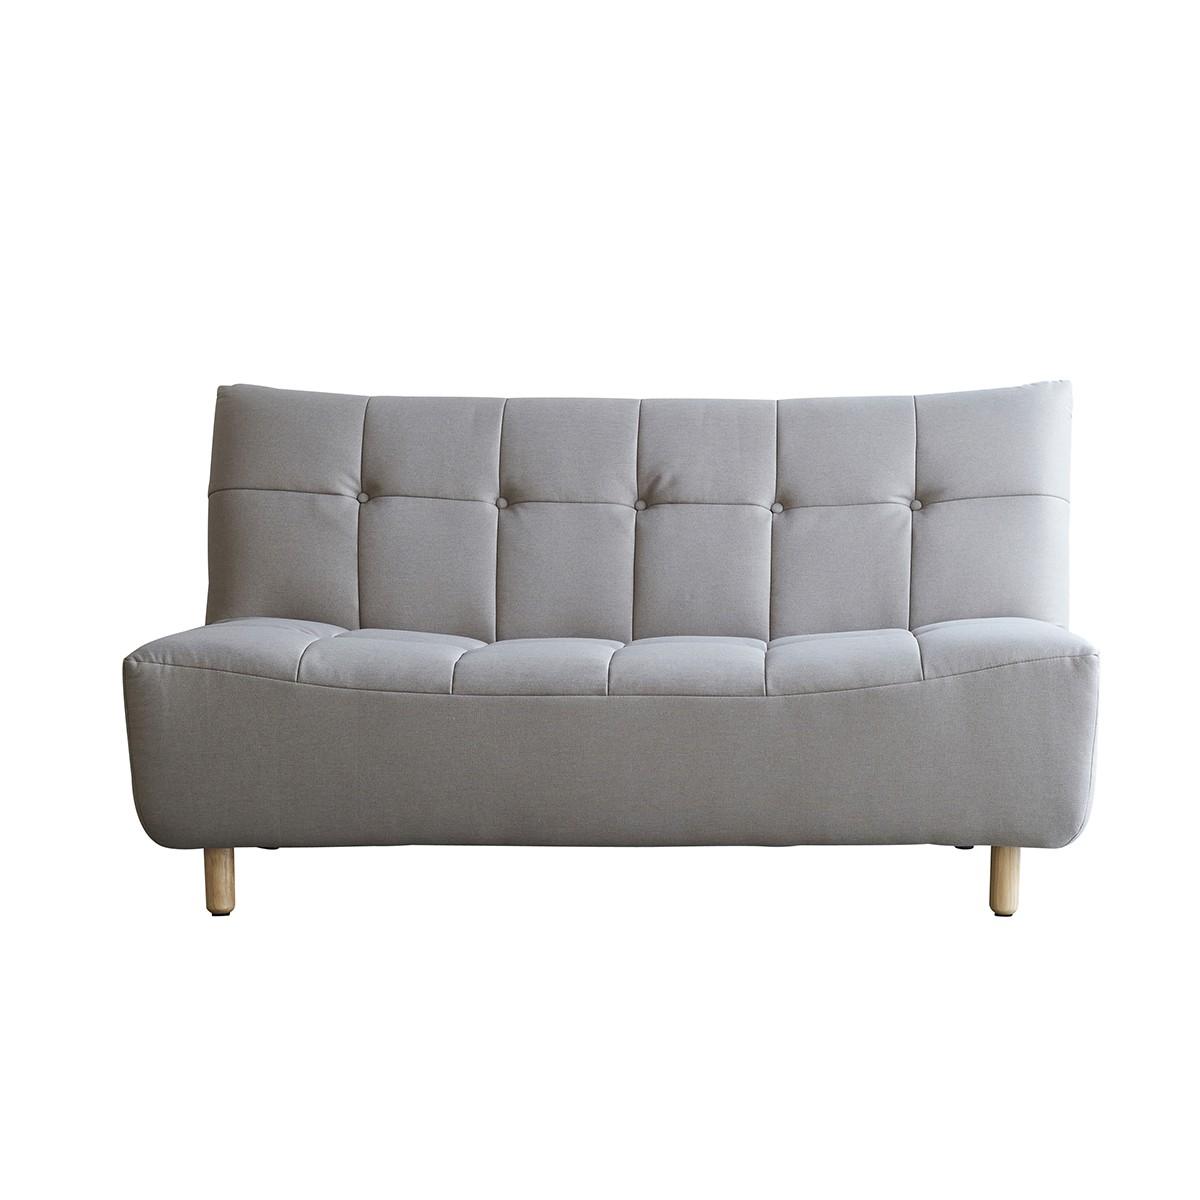 Canapé droit 2 places Beige Tissu